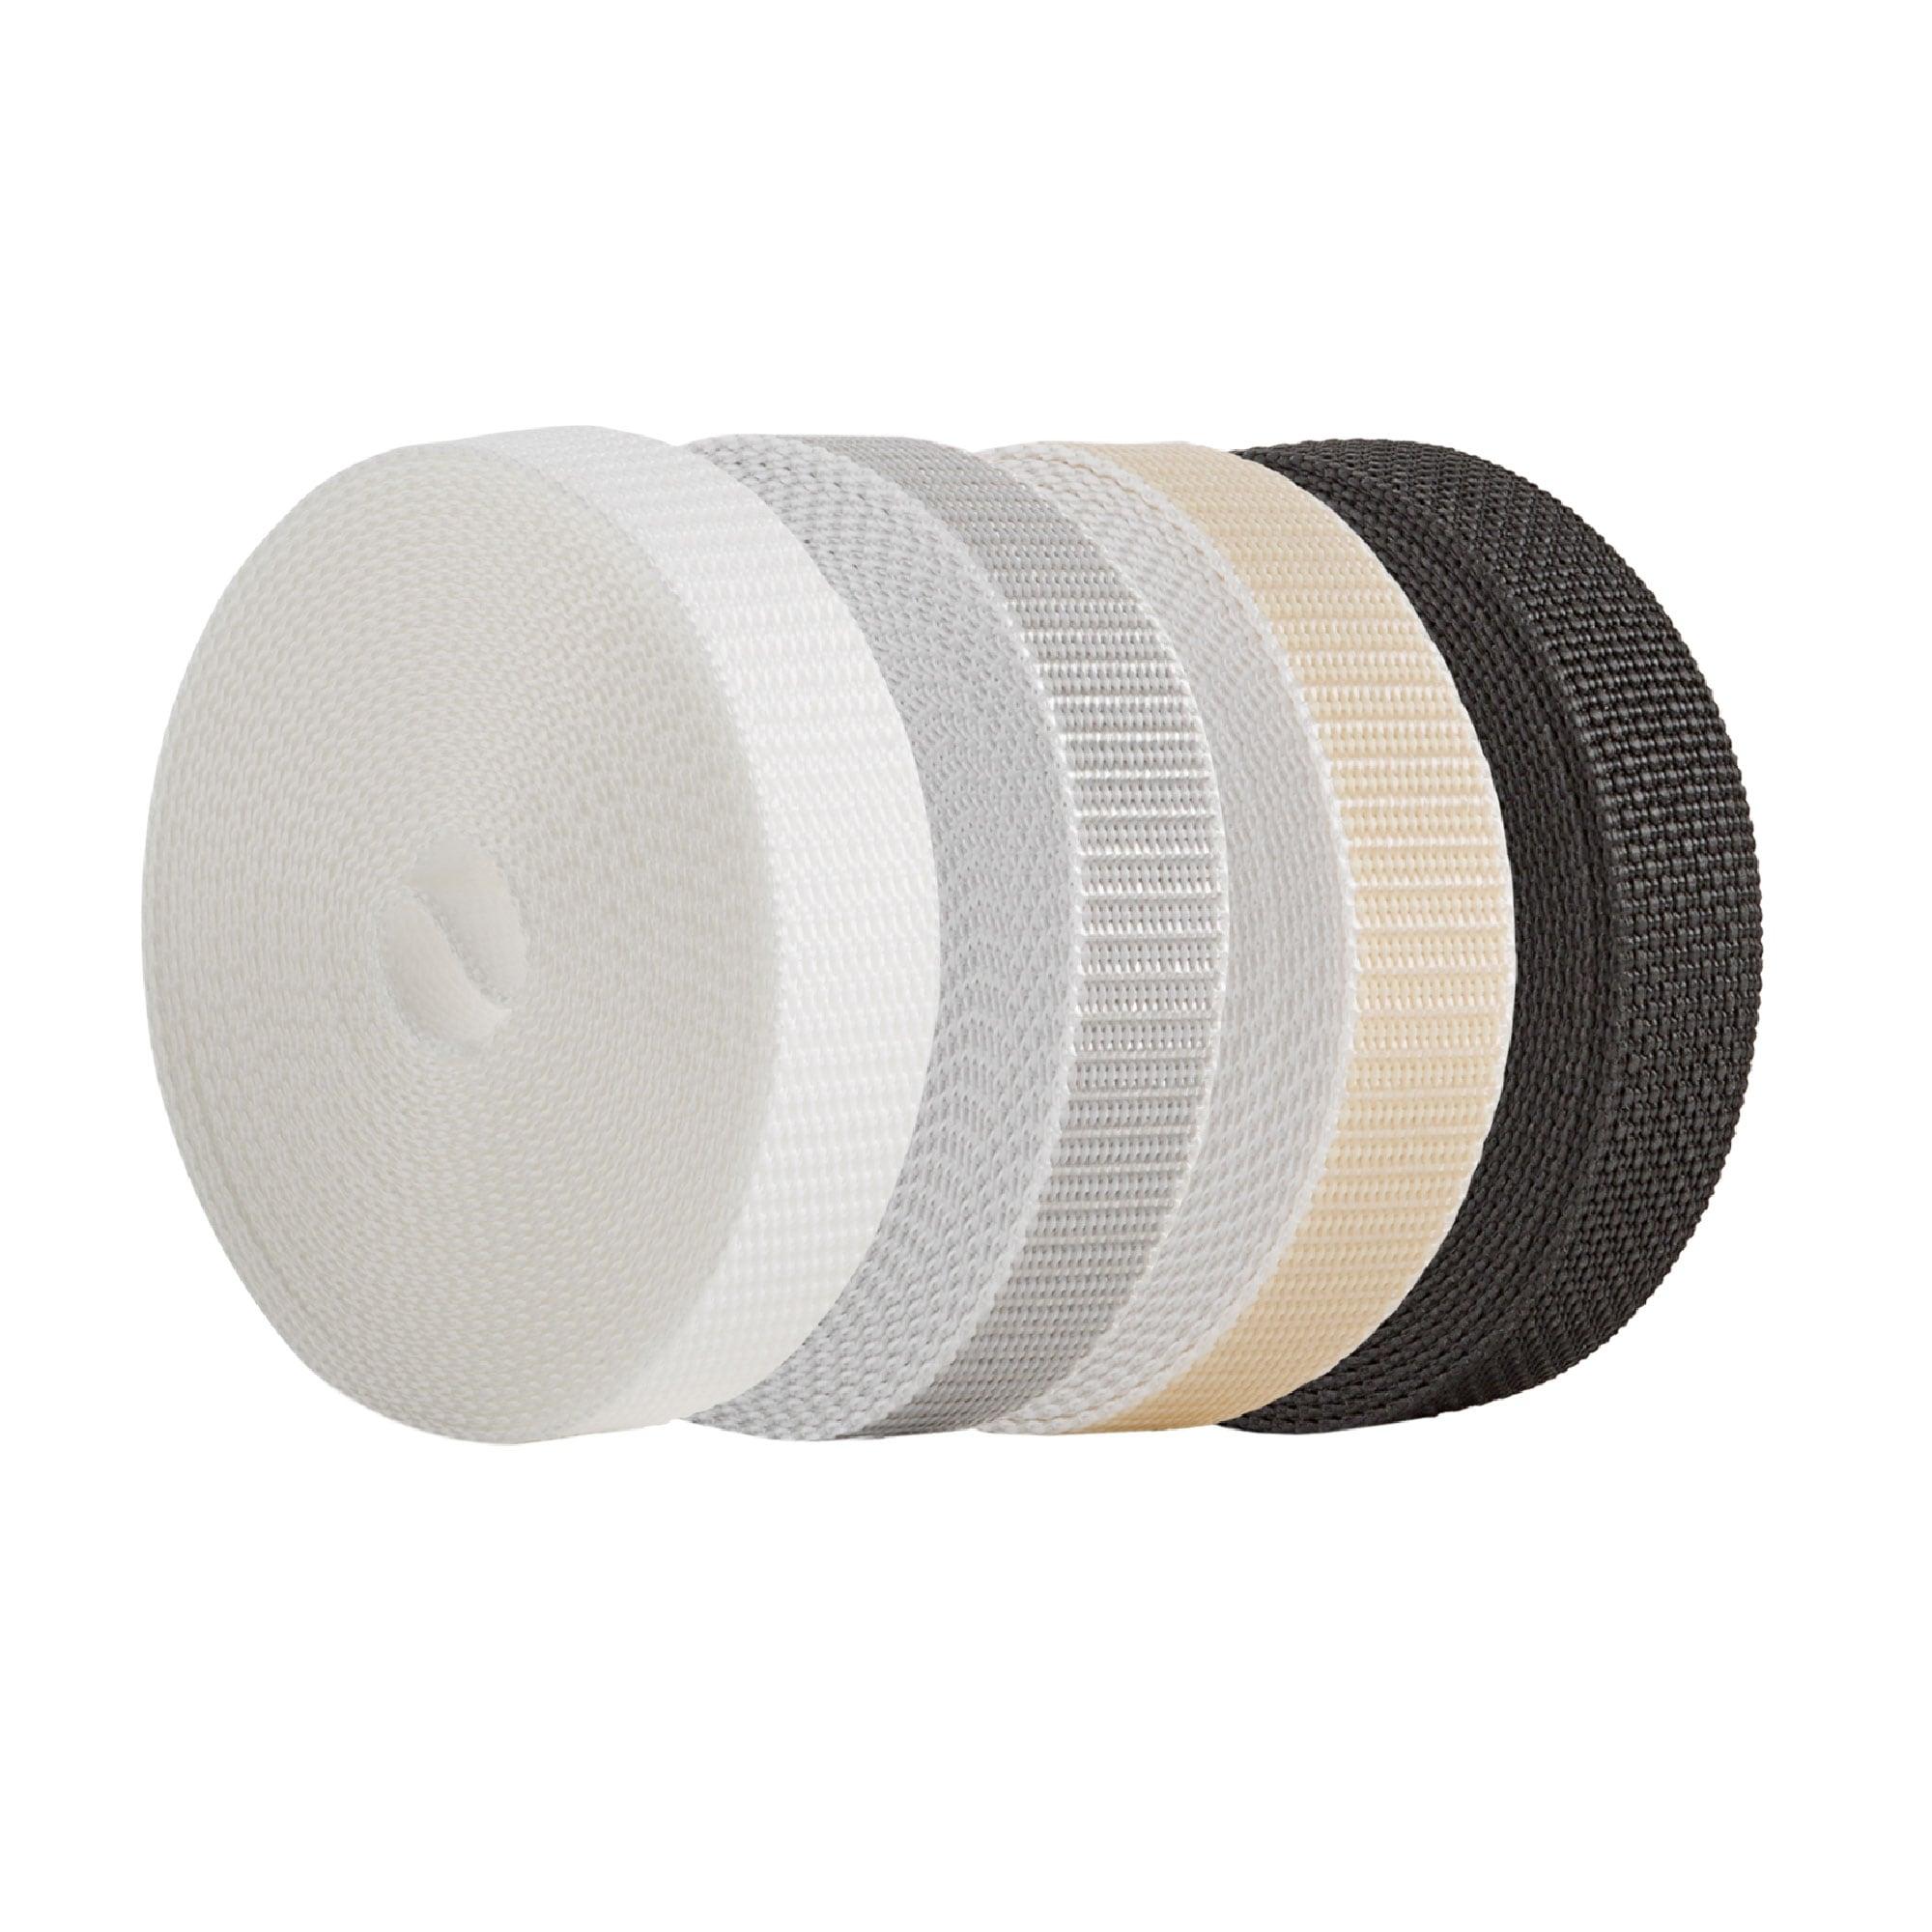 jarolift rolladen gurtband rolladengurt 23mm gurtwickler grau wei schwarz beige ebay. Black Bedroom Furniture Sets. Home Design Ideas